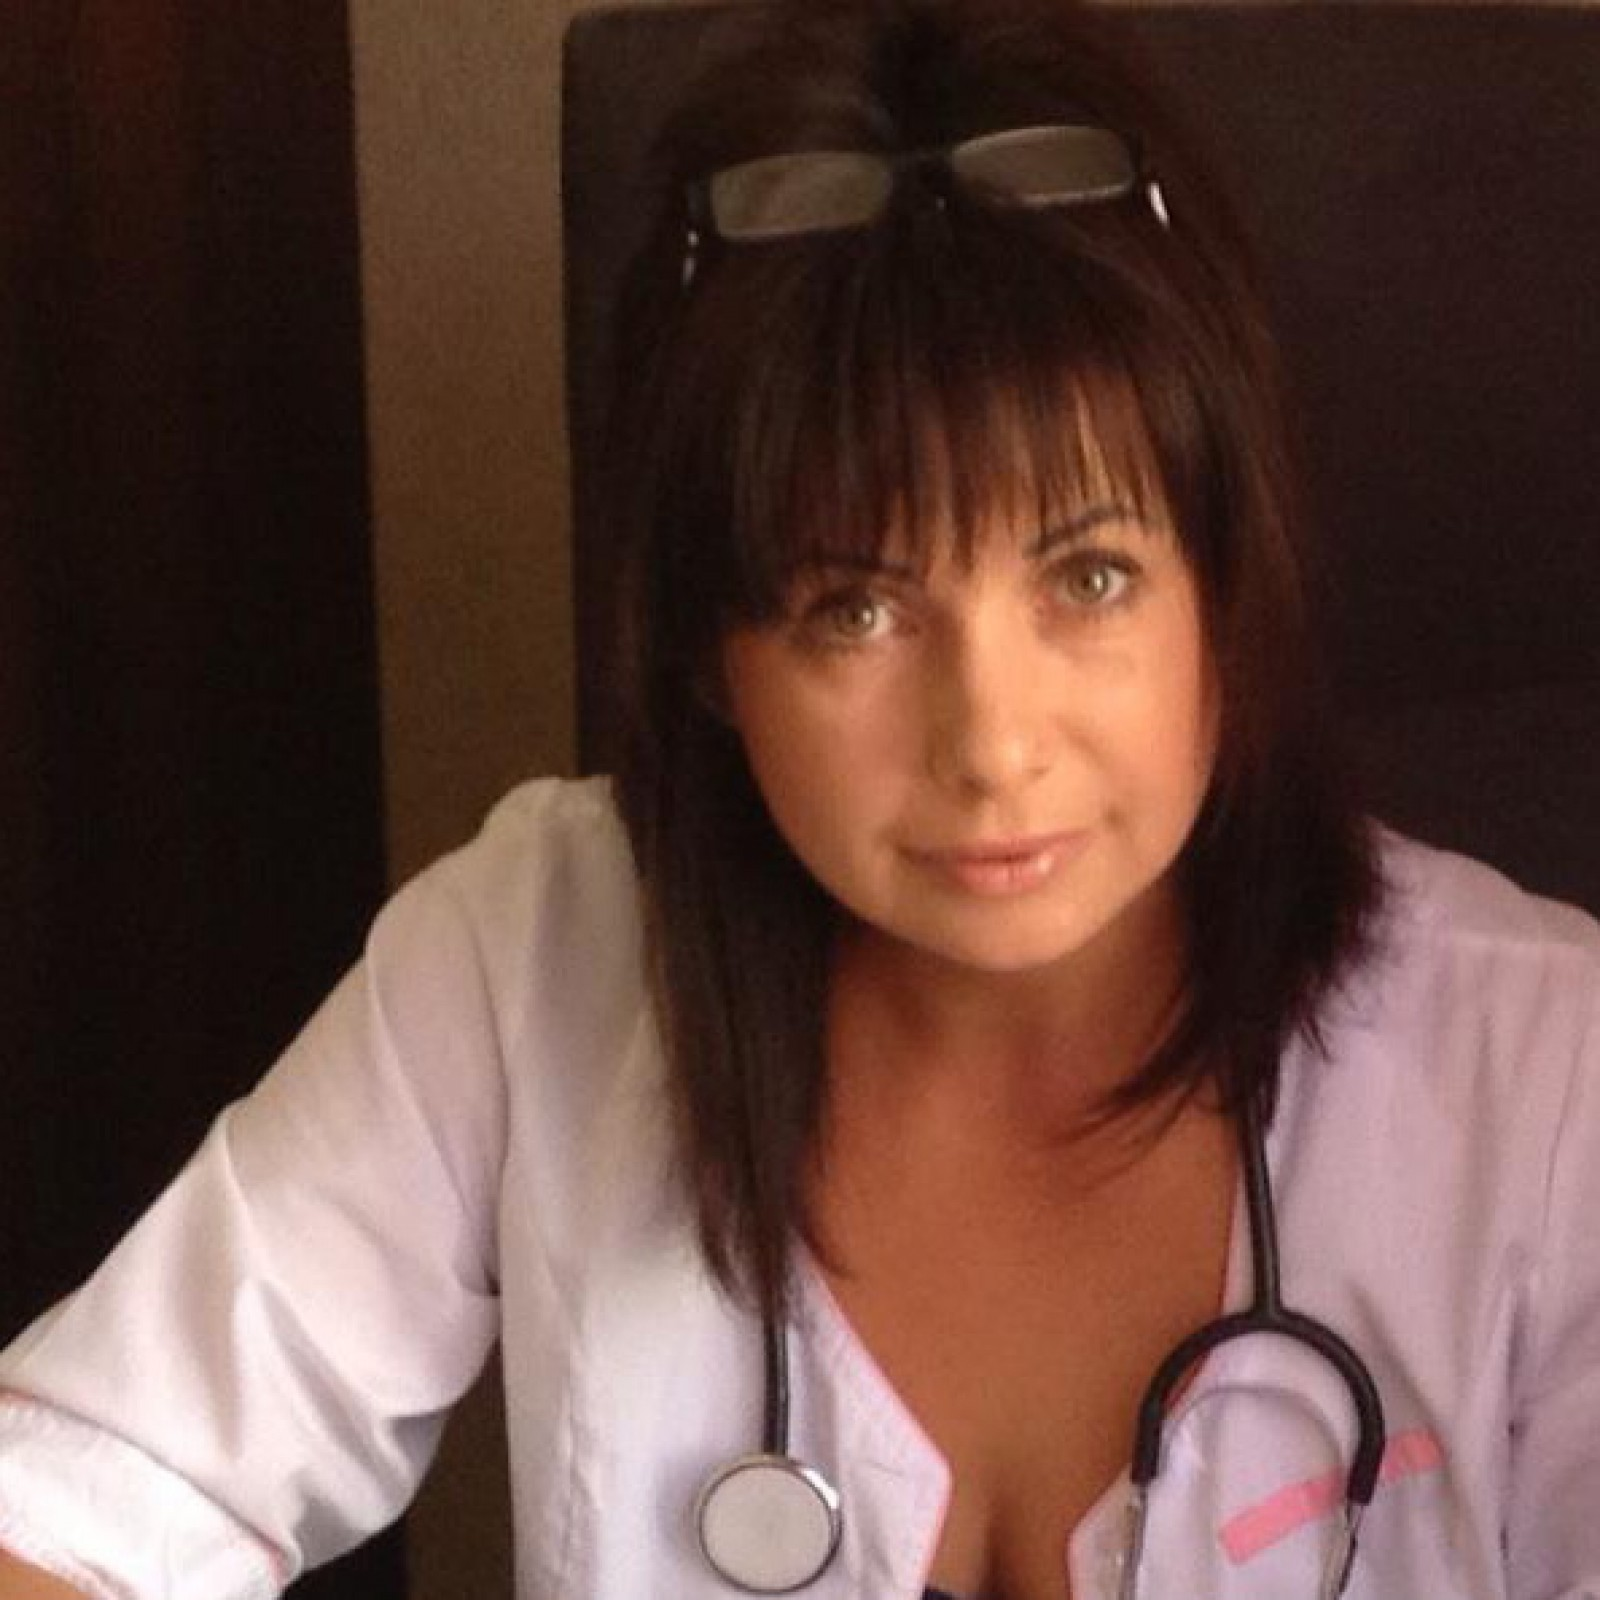 A snopit în bătaie un medic de la Spitalul Municipal din capitală, după ce a aflat că soția sa a decedat